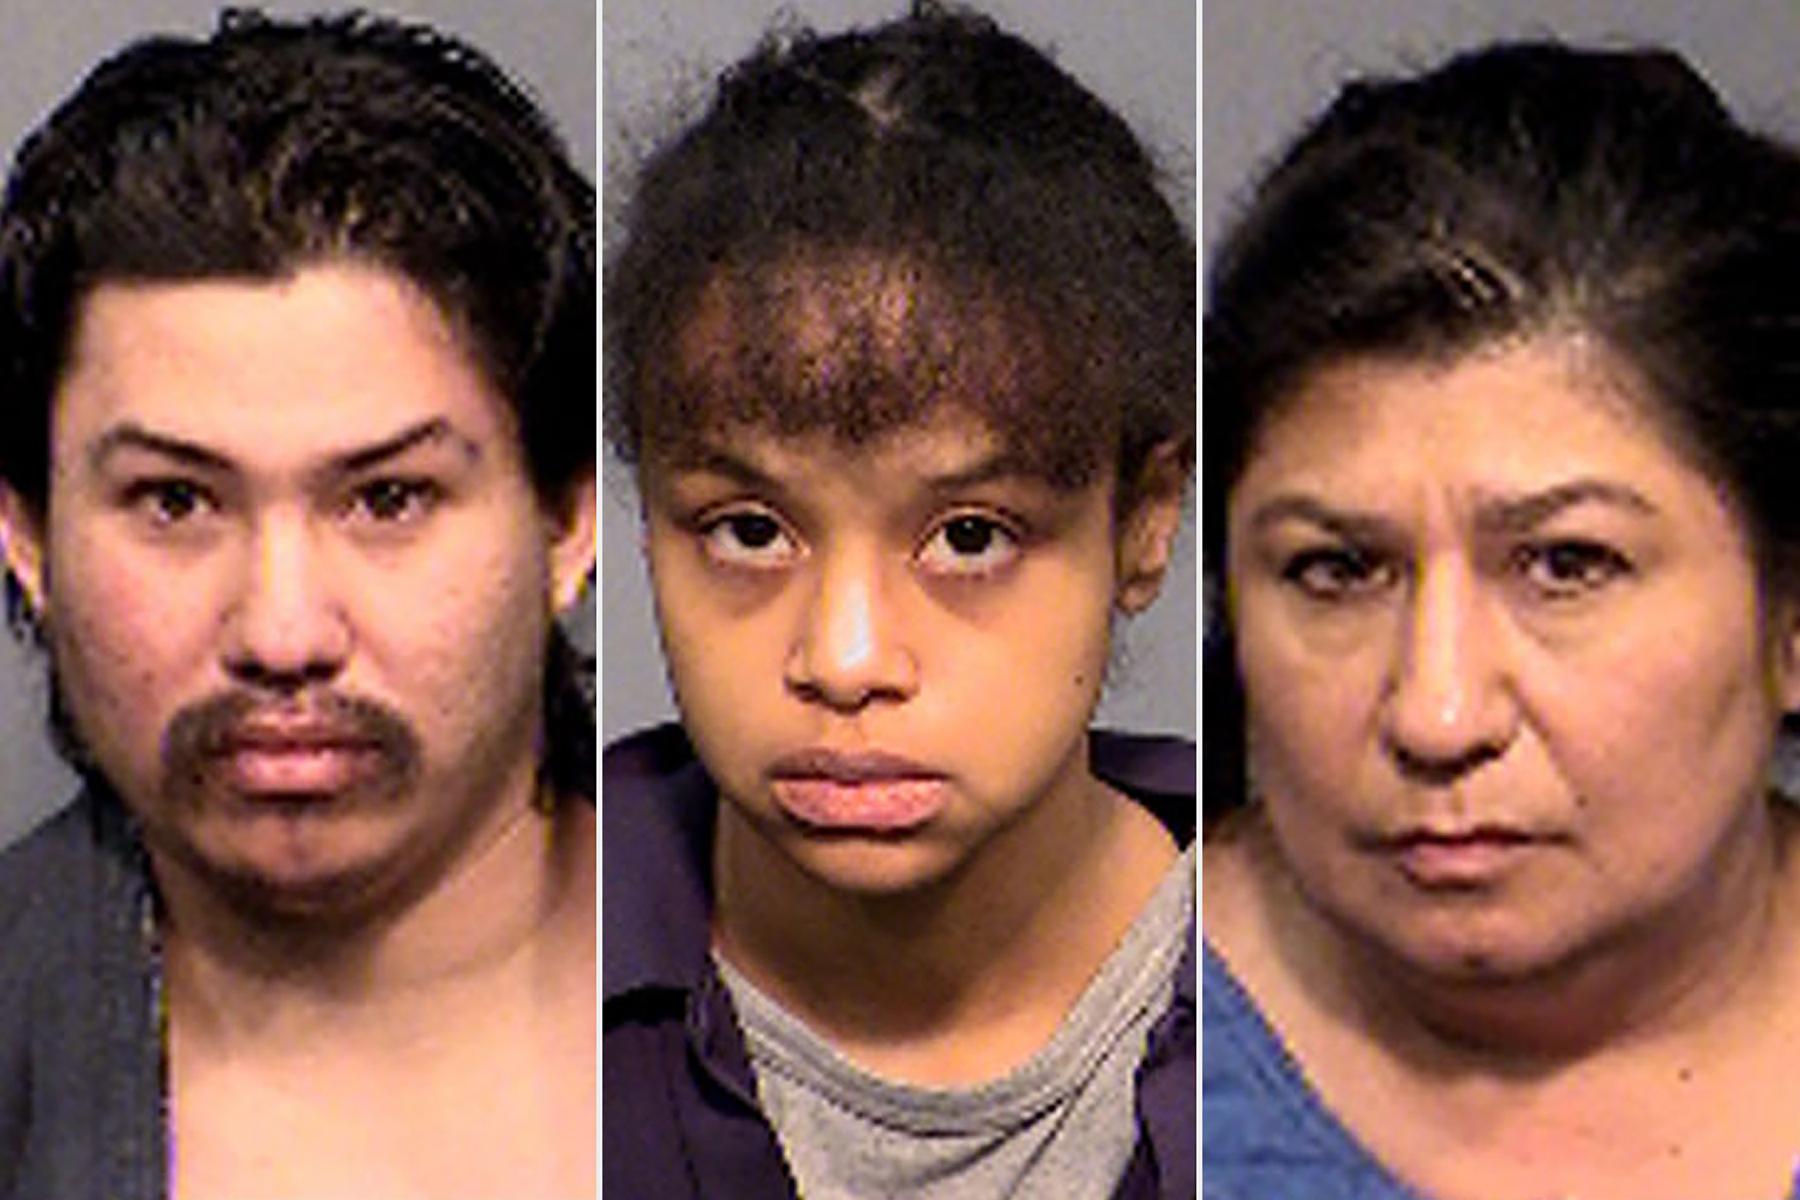 Anthony Jose Archibeque-Martinez, Elizabeth Archibeque-Martinez, Ann Marie Martinez